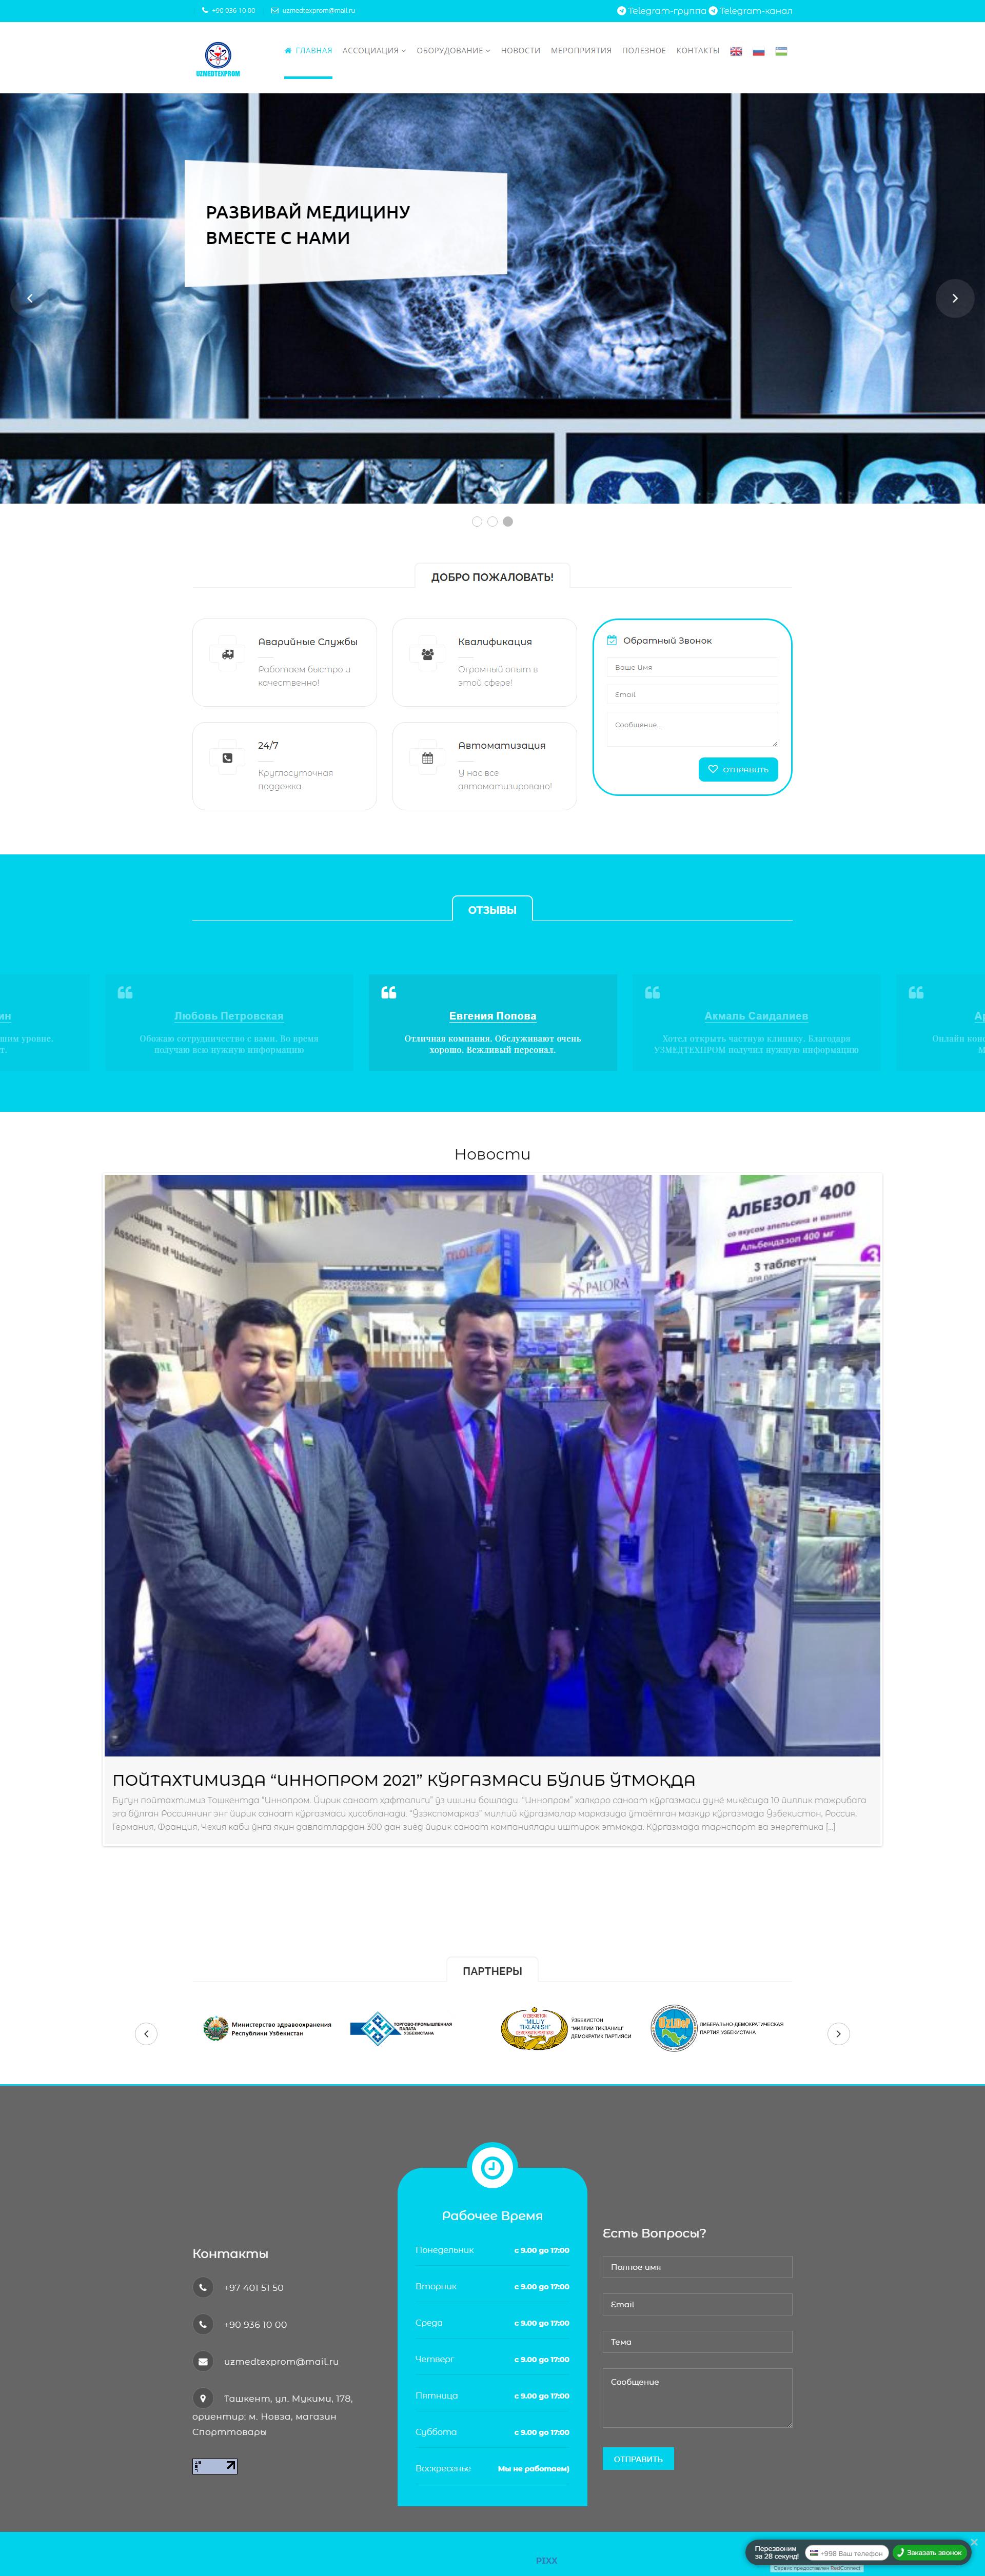 Uzmedtexprom- Поставка медиценского оборудования в Узбекистан